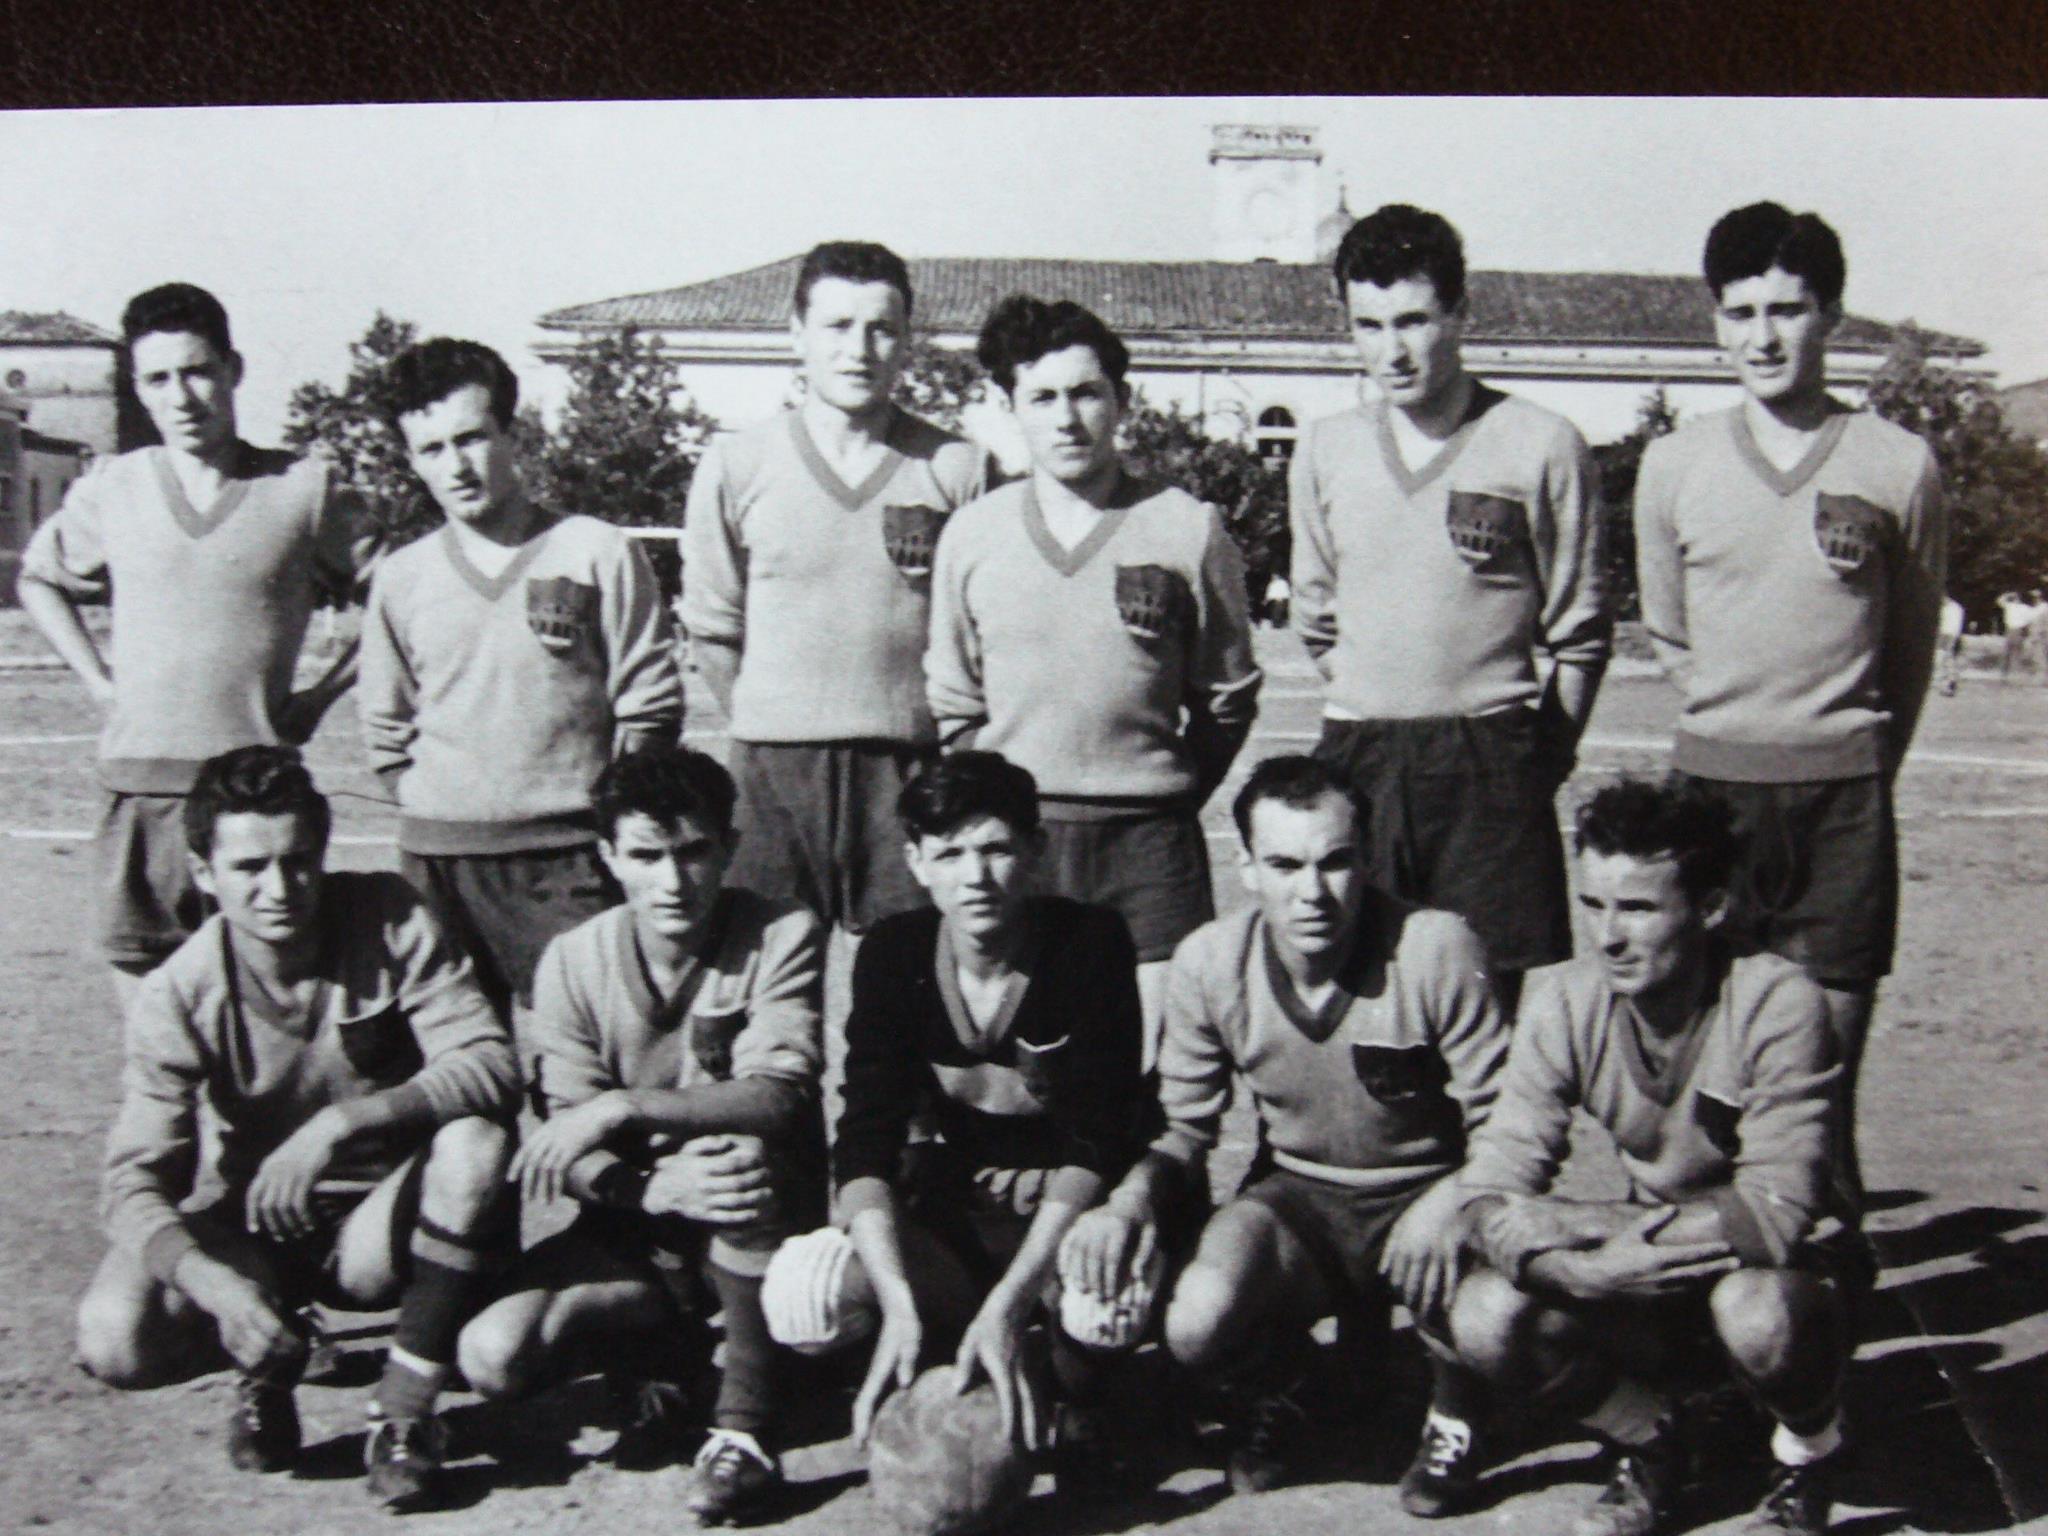 squadra calcio portuense rome - photo#31